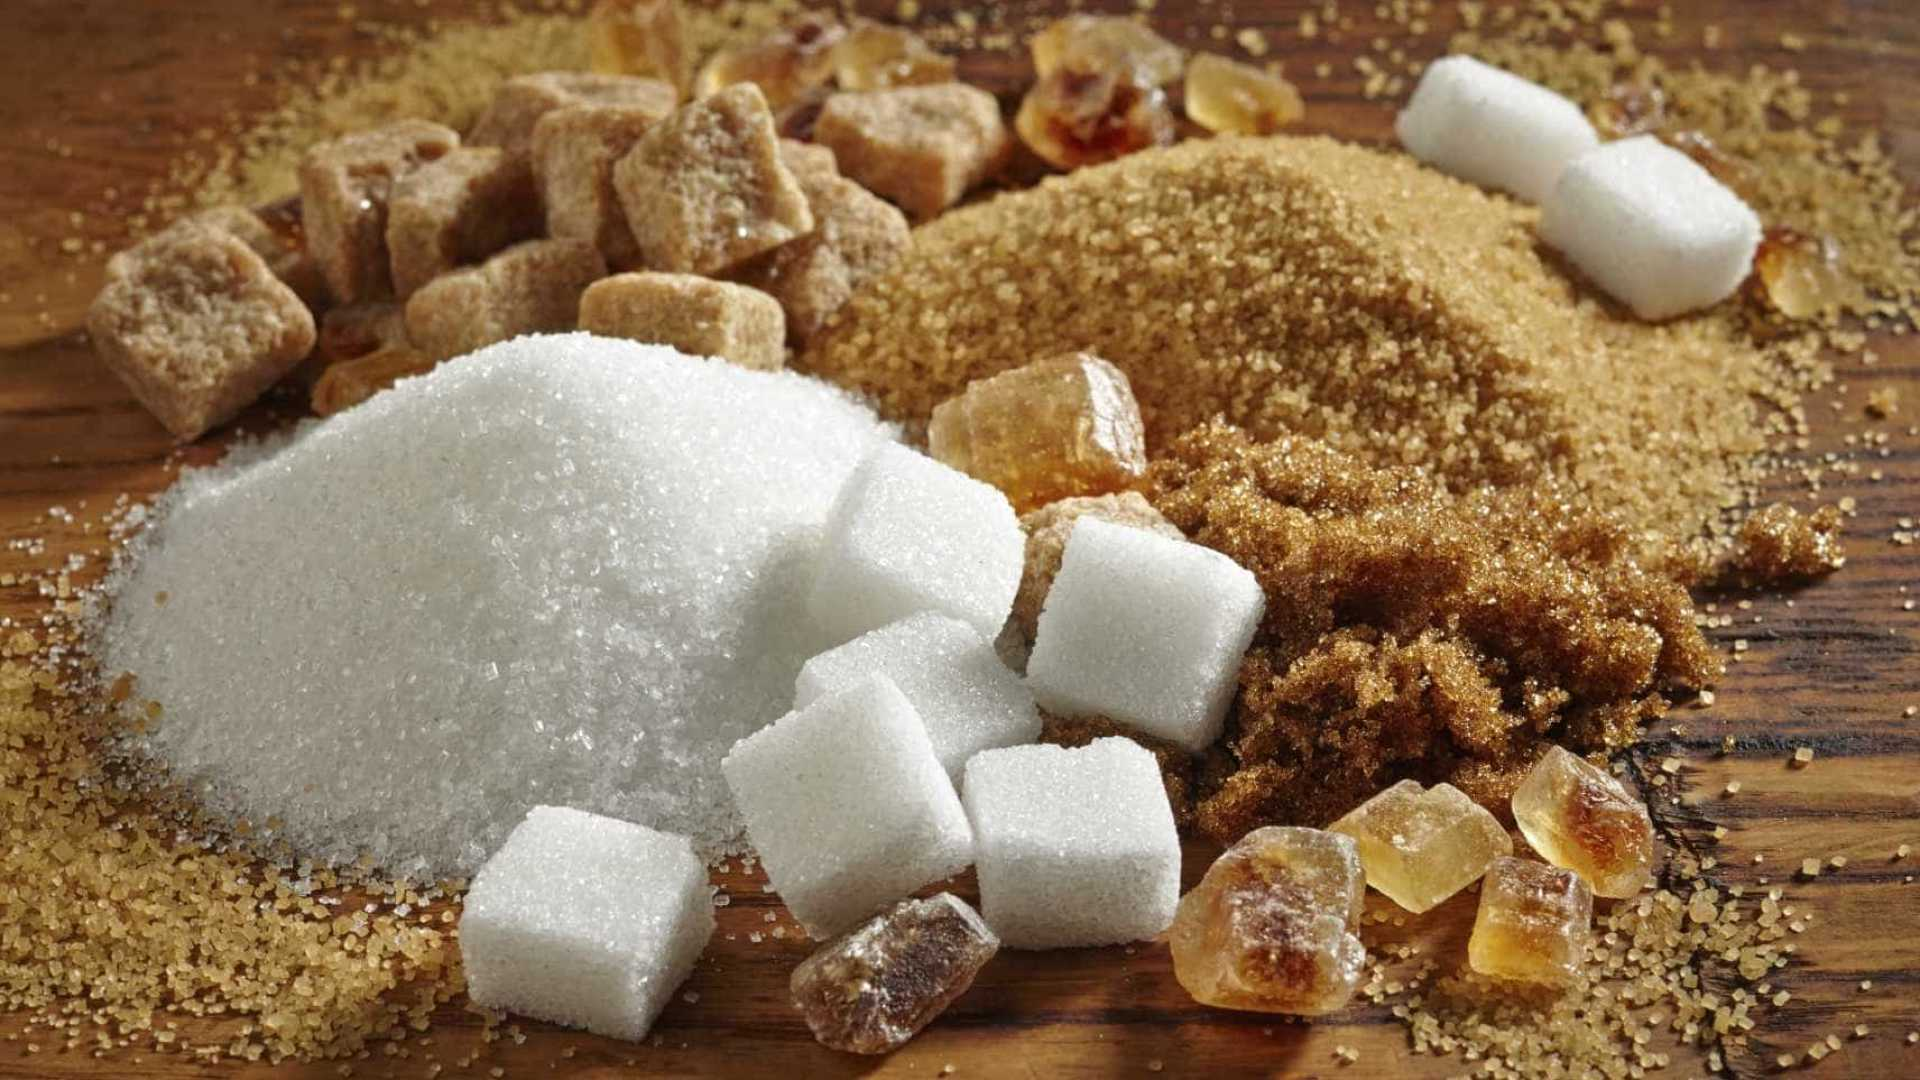 Dicas de Como Reduzir o Vício do Açúcar